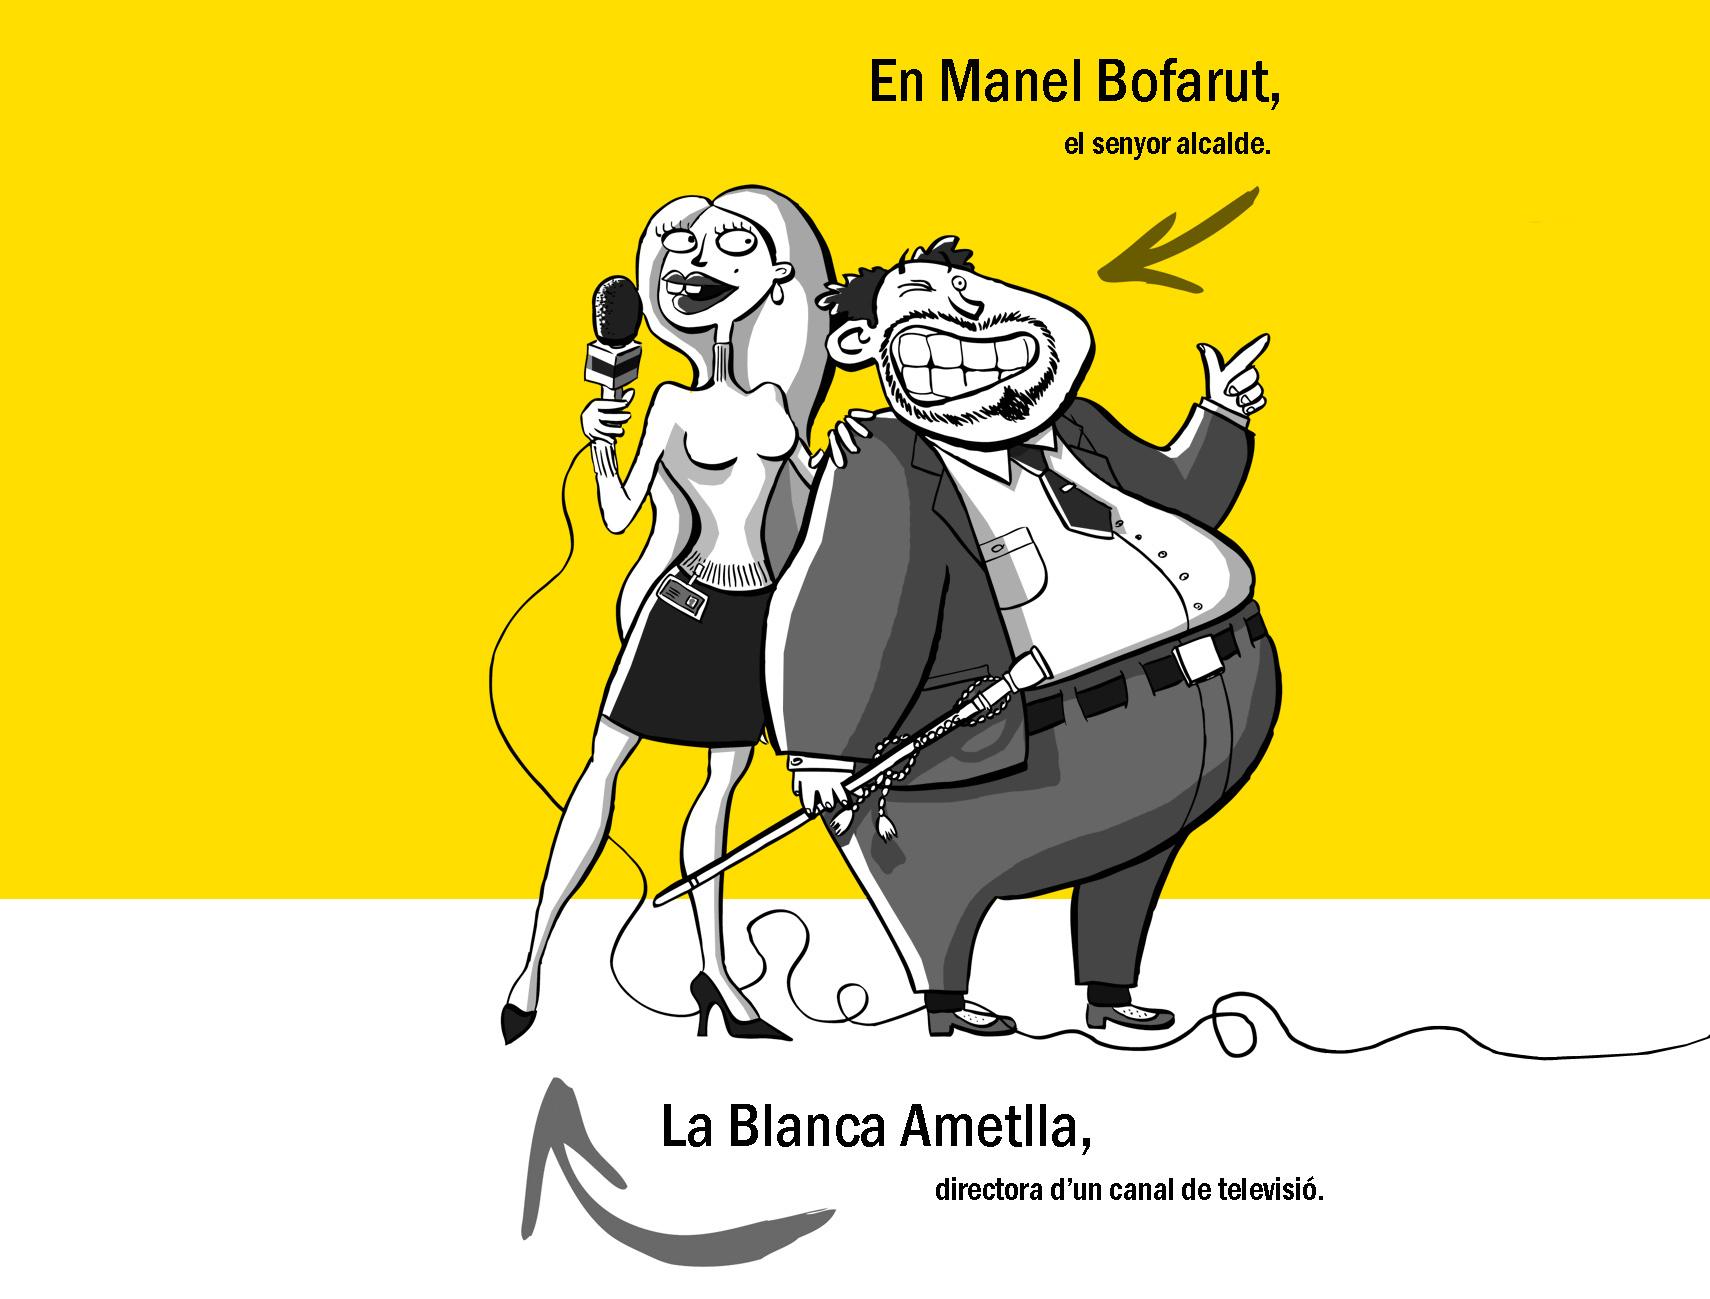 La Blanca Ametlla i en Manel Bofarut